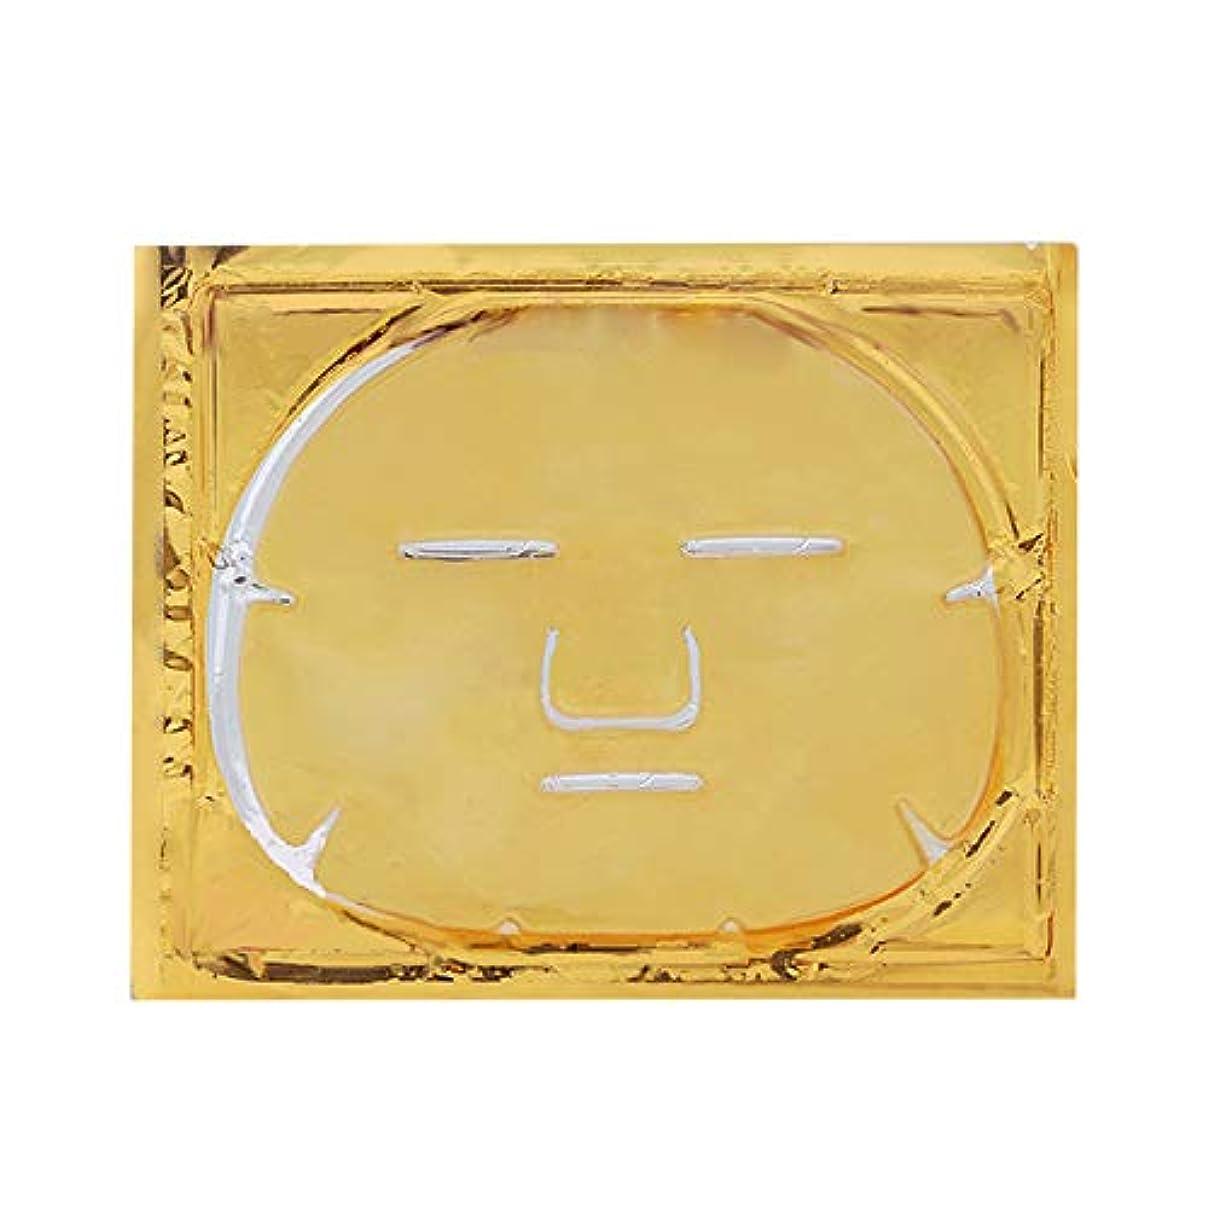 仕事公平な実装するTOOGOO ゴールド ゲル コラーゲン 水晶フェイシャル?マスク シート パッチ アンチエイジング、美白、むくみ、しわ、保湿、深部組織の若返りと水分補給用